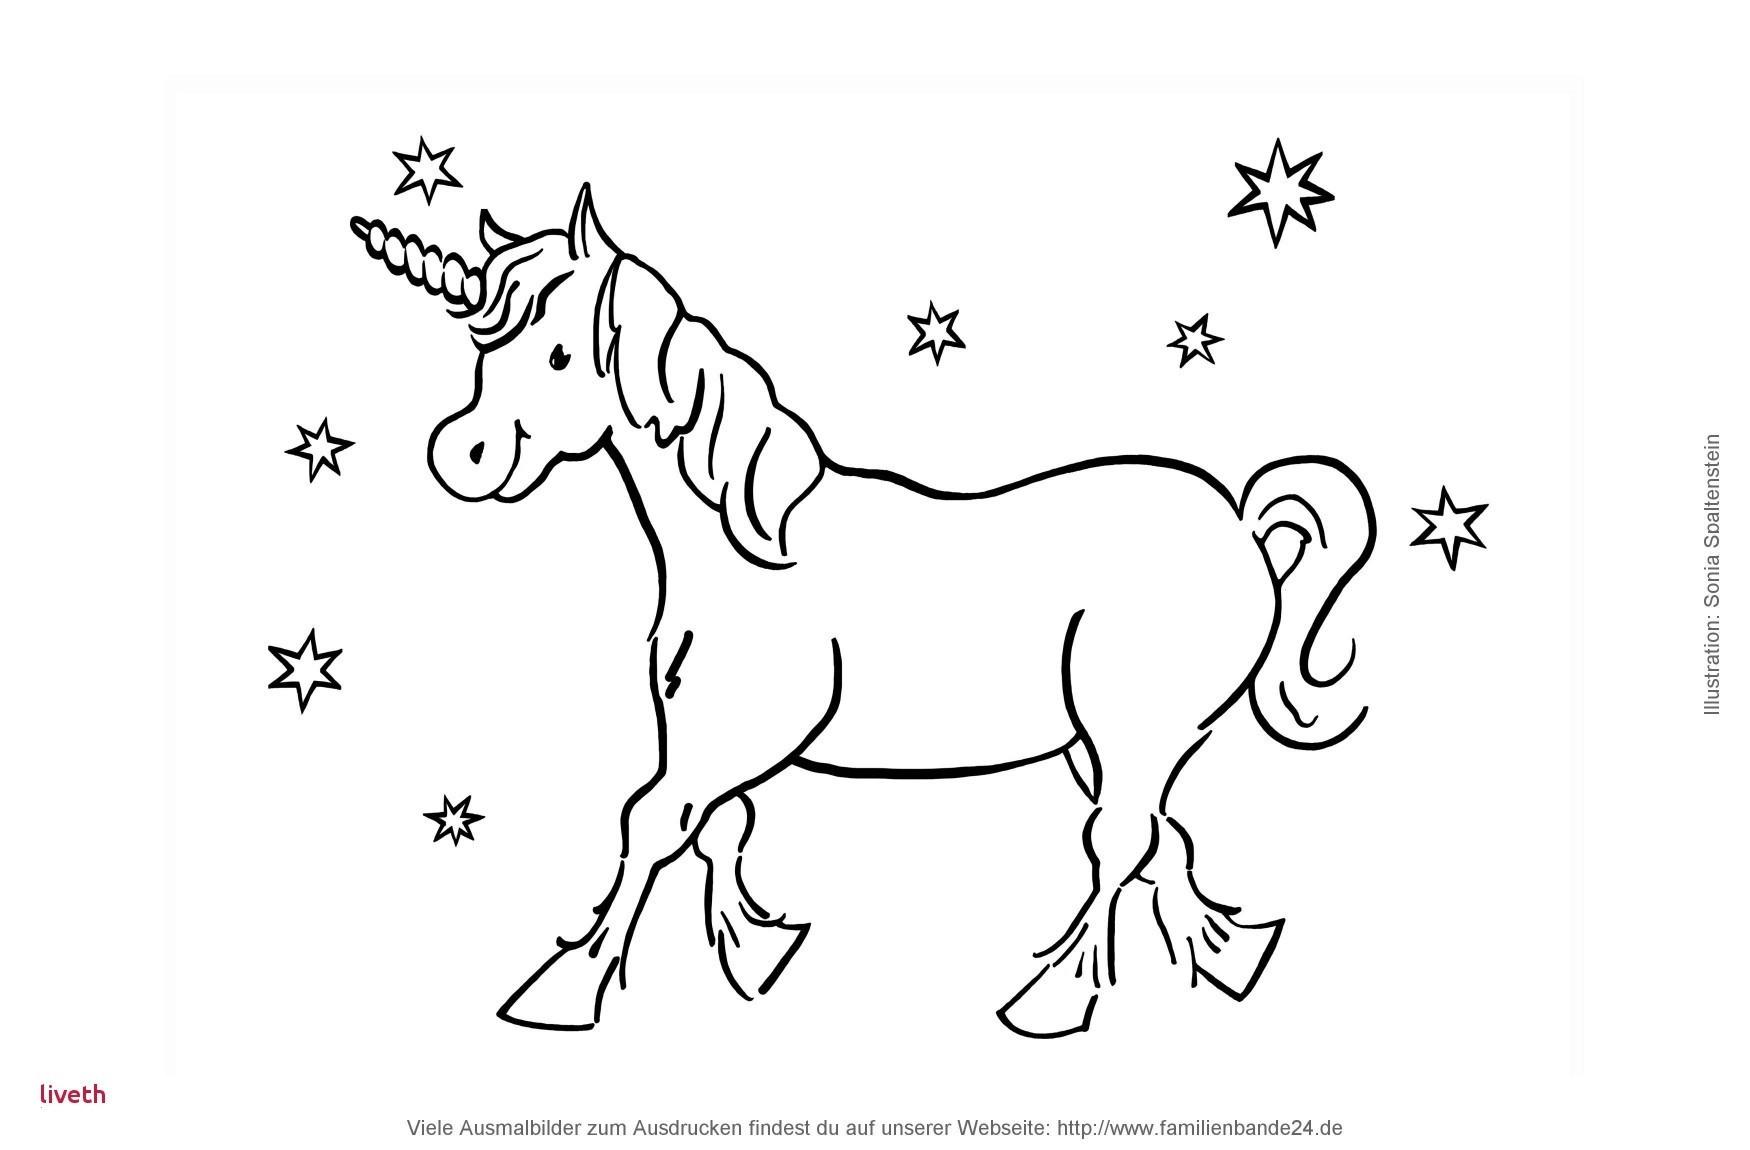 Malvorlagen Weihnachten Din A4 Das Beste Von Malvorlagen Zu Weihnachten Und Advent Regarding Malvorlage Sammlung